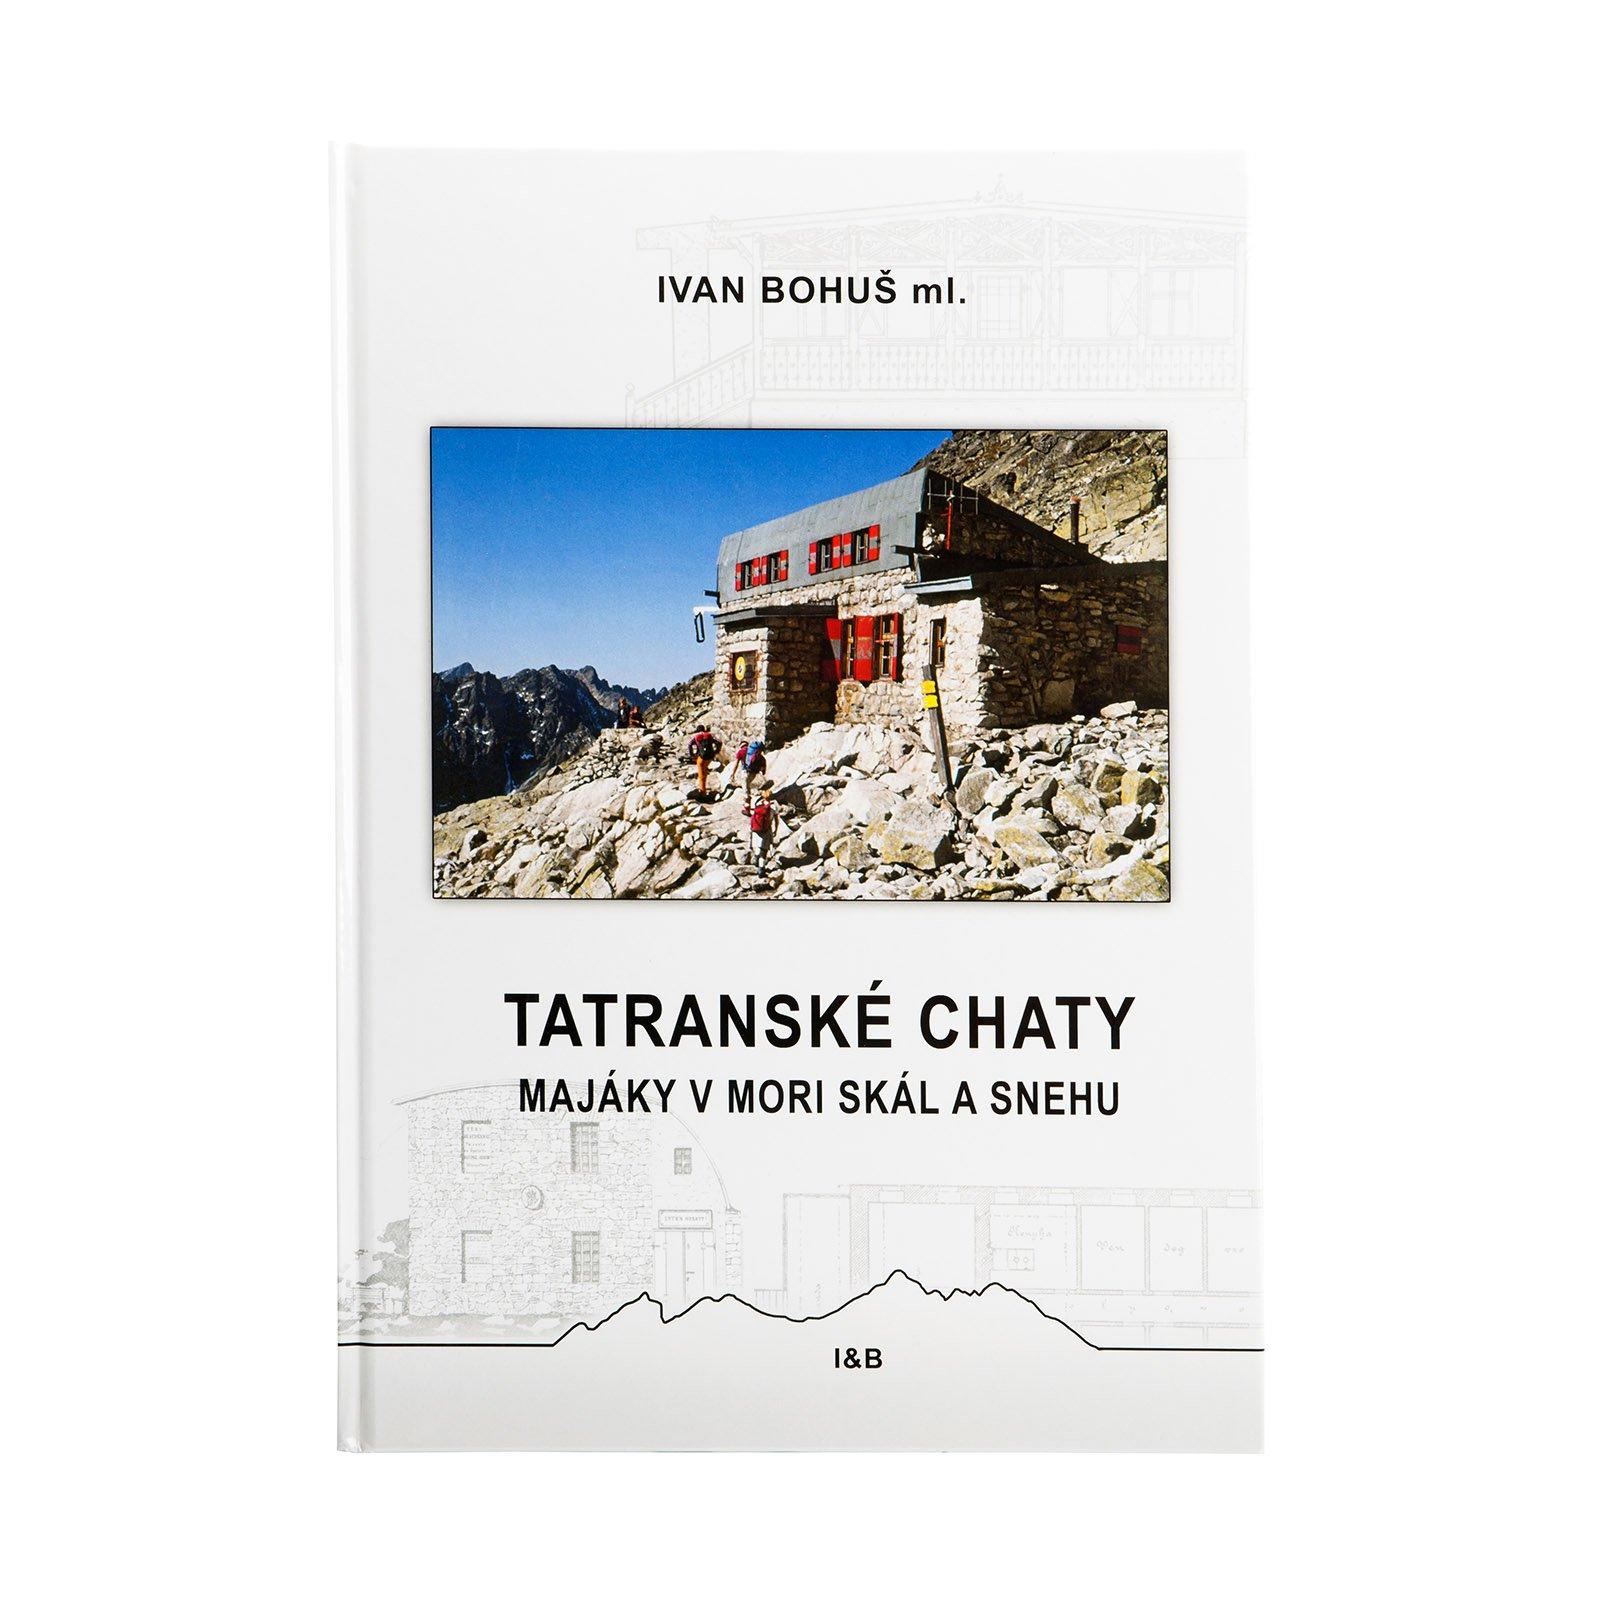 HIGH TATRAS' CHALETS, Beacons in the Sea of Rocks and Snow (TATRANSKÉ CHATY majáky v mori skál a snehu)